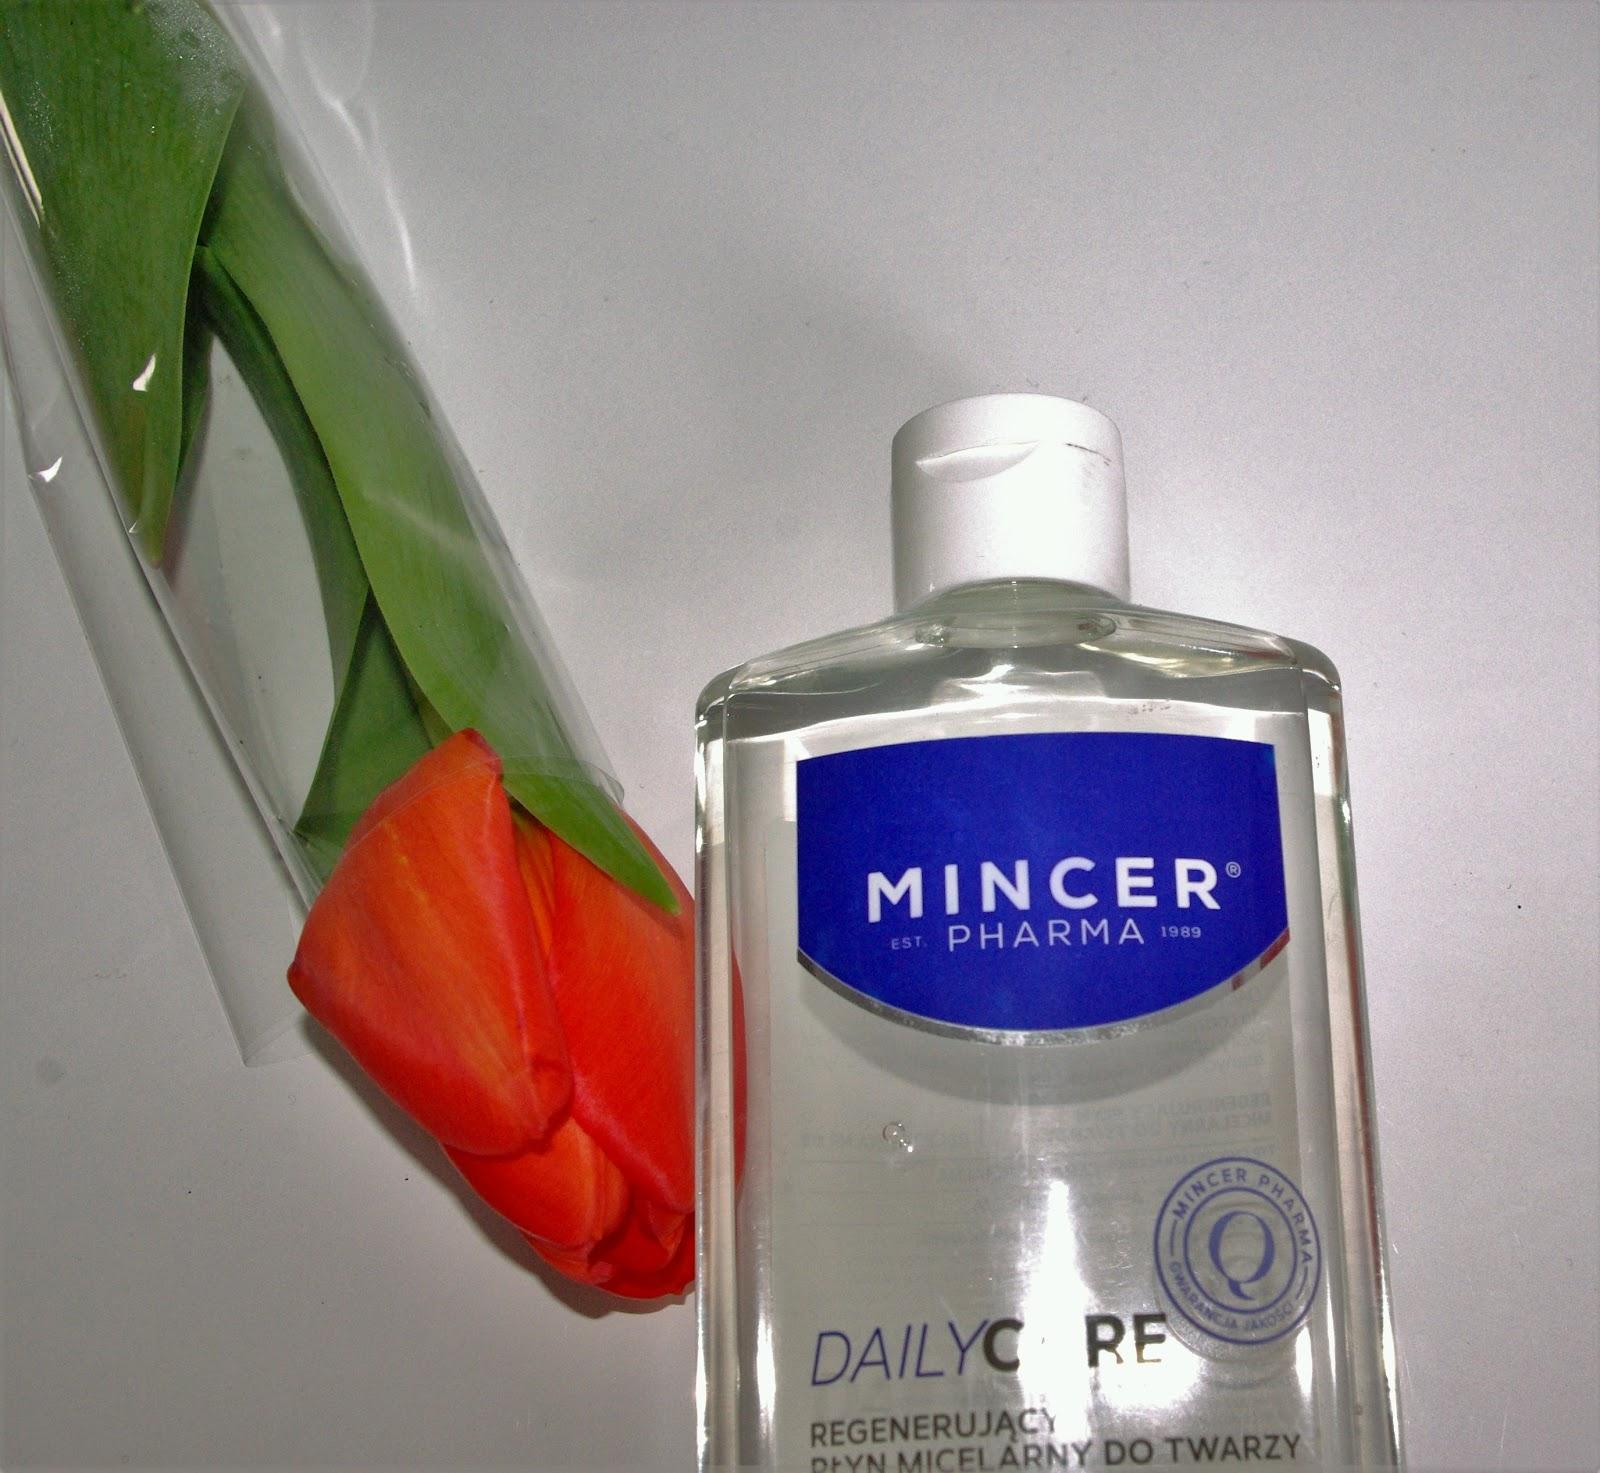 Regenerujący płyn micelarny do twarzy - Mincer Pharma www.dagmara-rek.pl